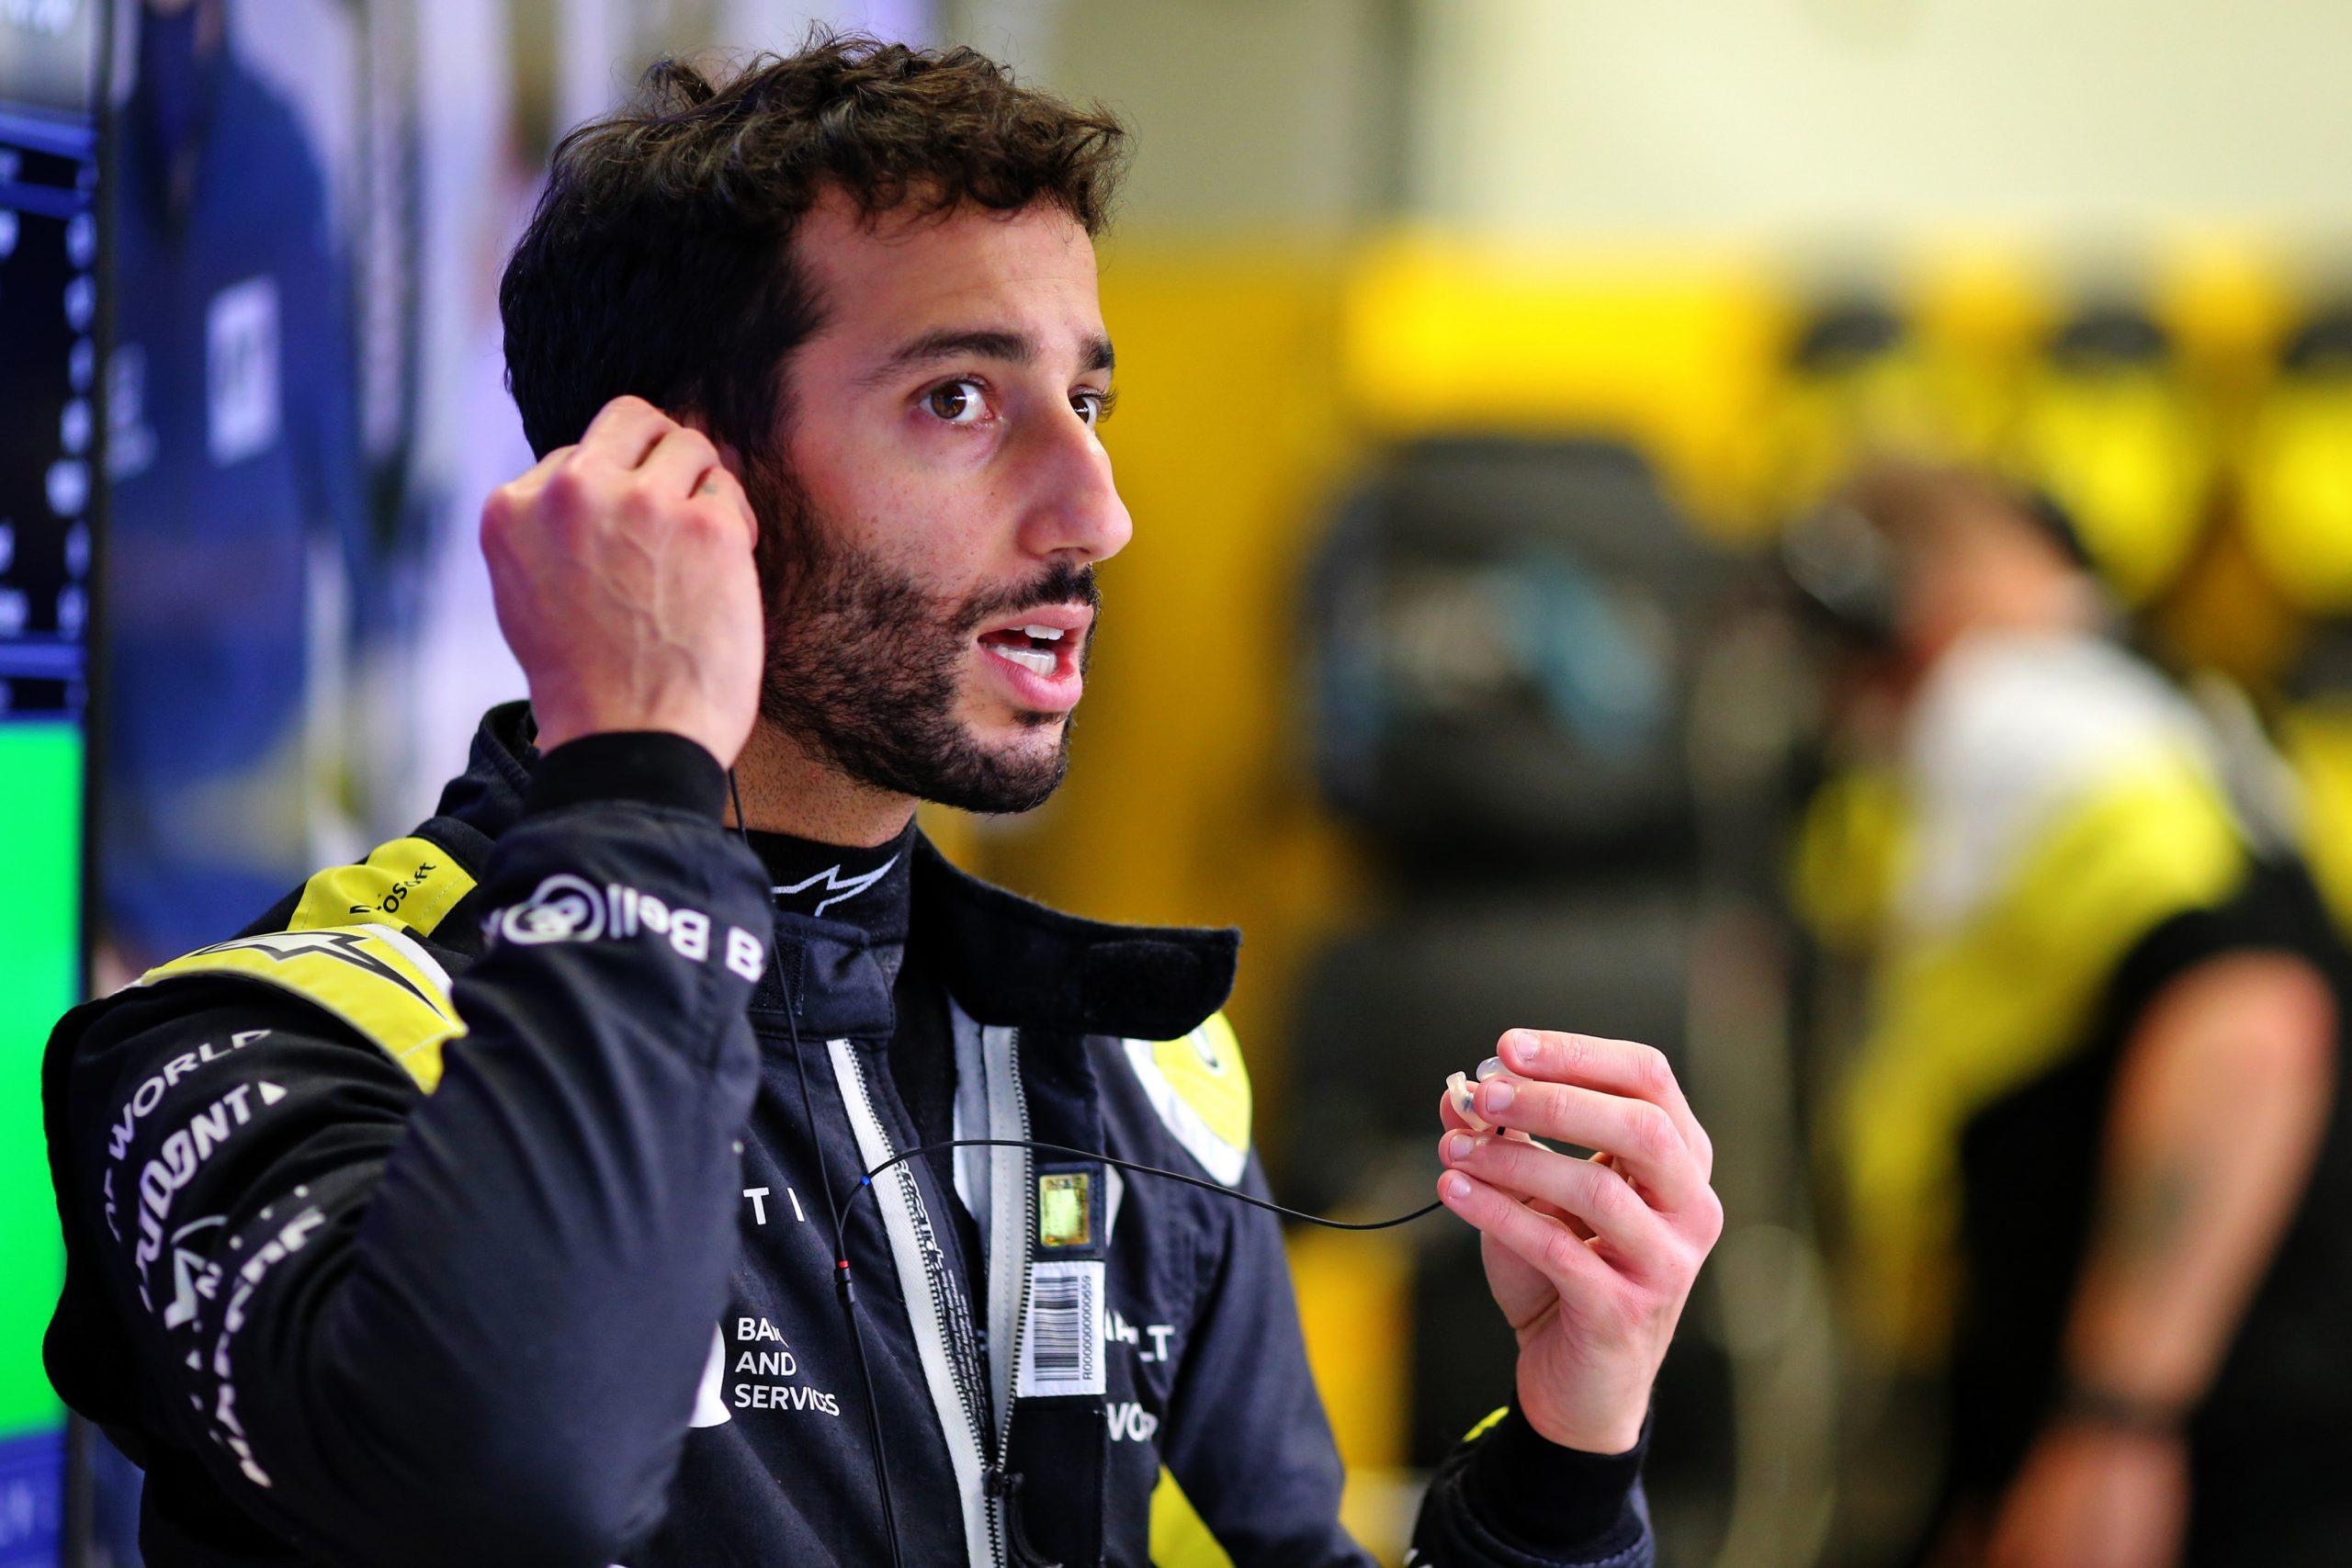 Renault place Ricciardo parmi les quatre pilotes un cran au dessus des autres - Selon Alan Parmane, le directeur sportif de l'équipe Renault F1, l'Australien Daniel Ricciardo fait partie d'un groupe de quatre pilotes un cran au dessus des autres cette année